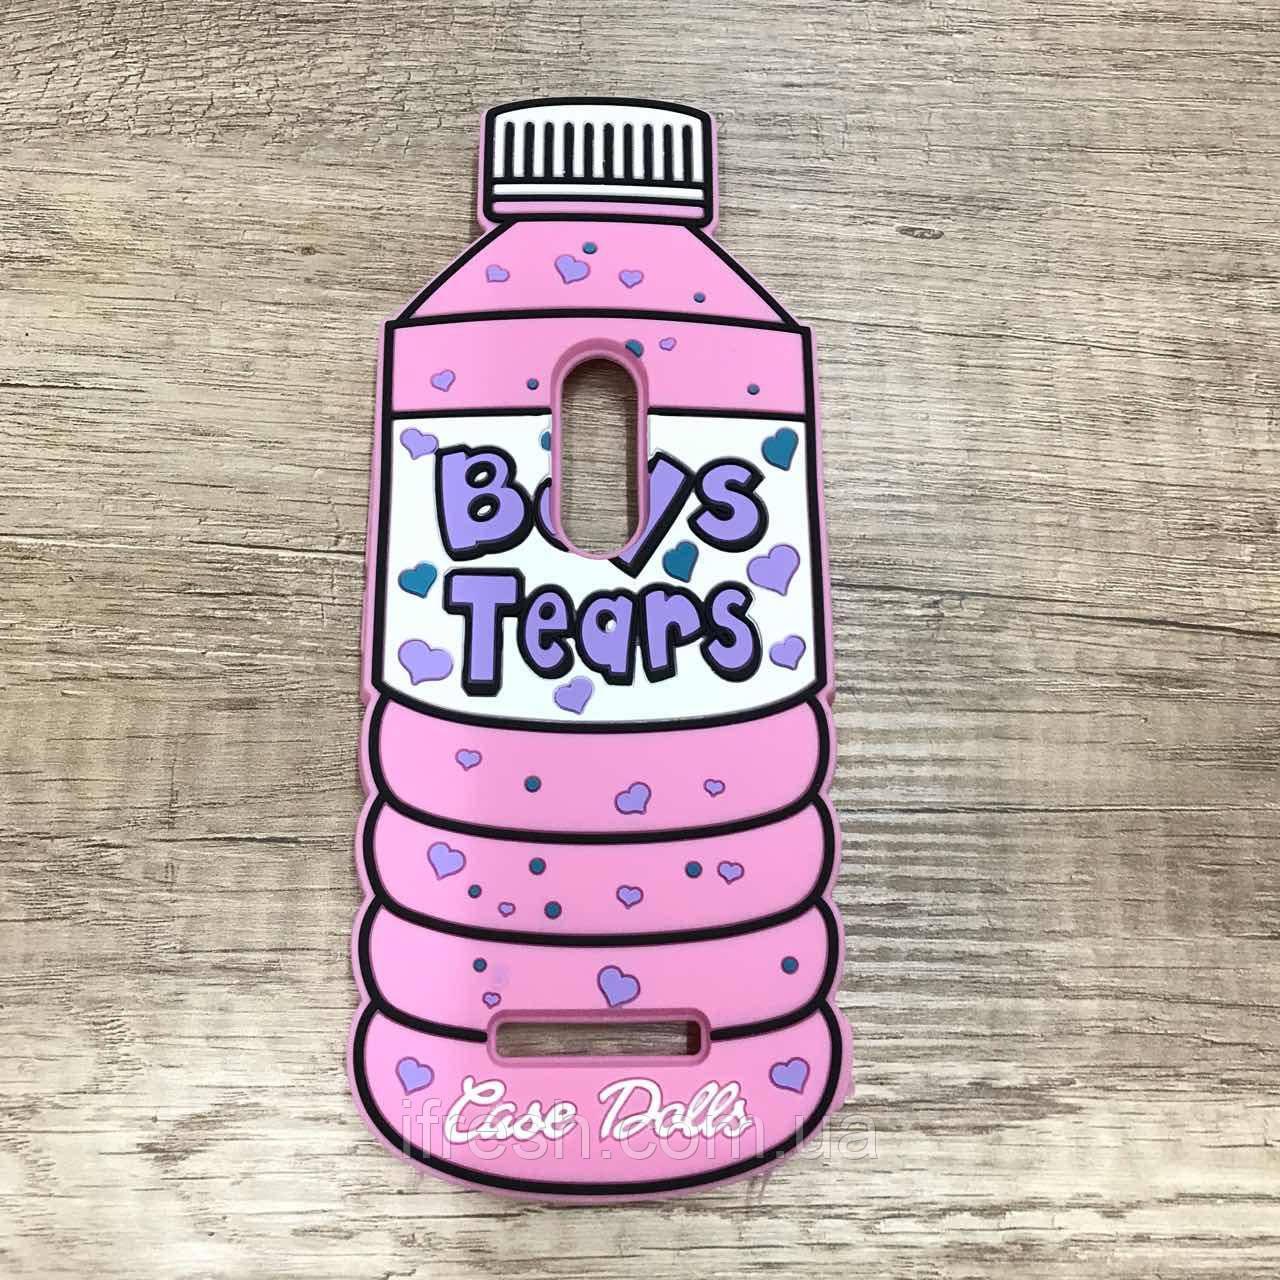 Чехол BOYS TEARS для Xiaomi Redmi Note 4, бутылочка Слезы парней